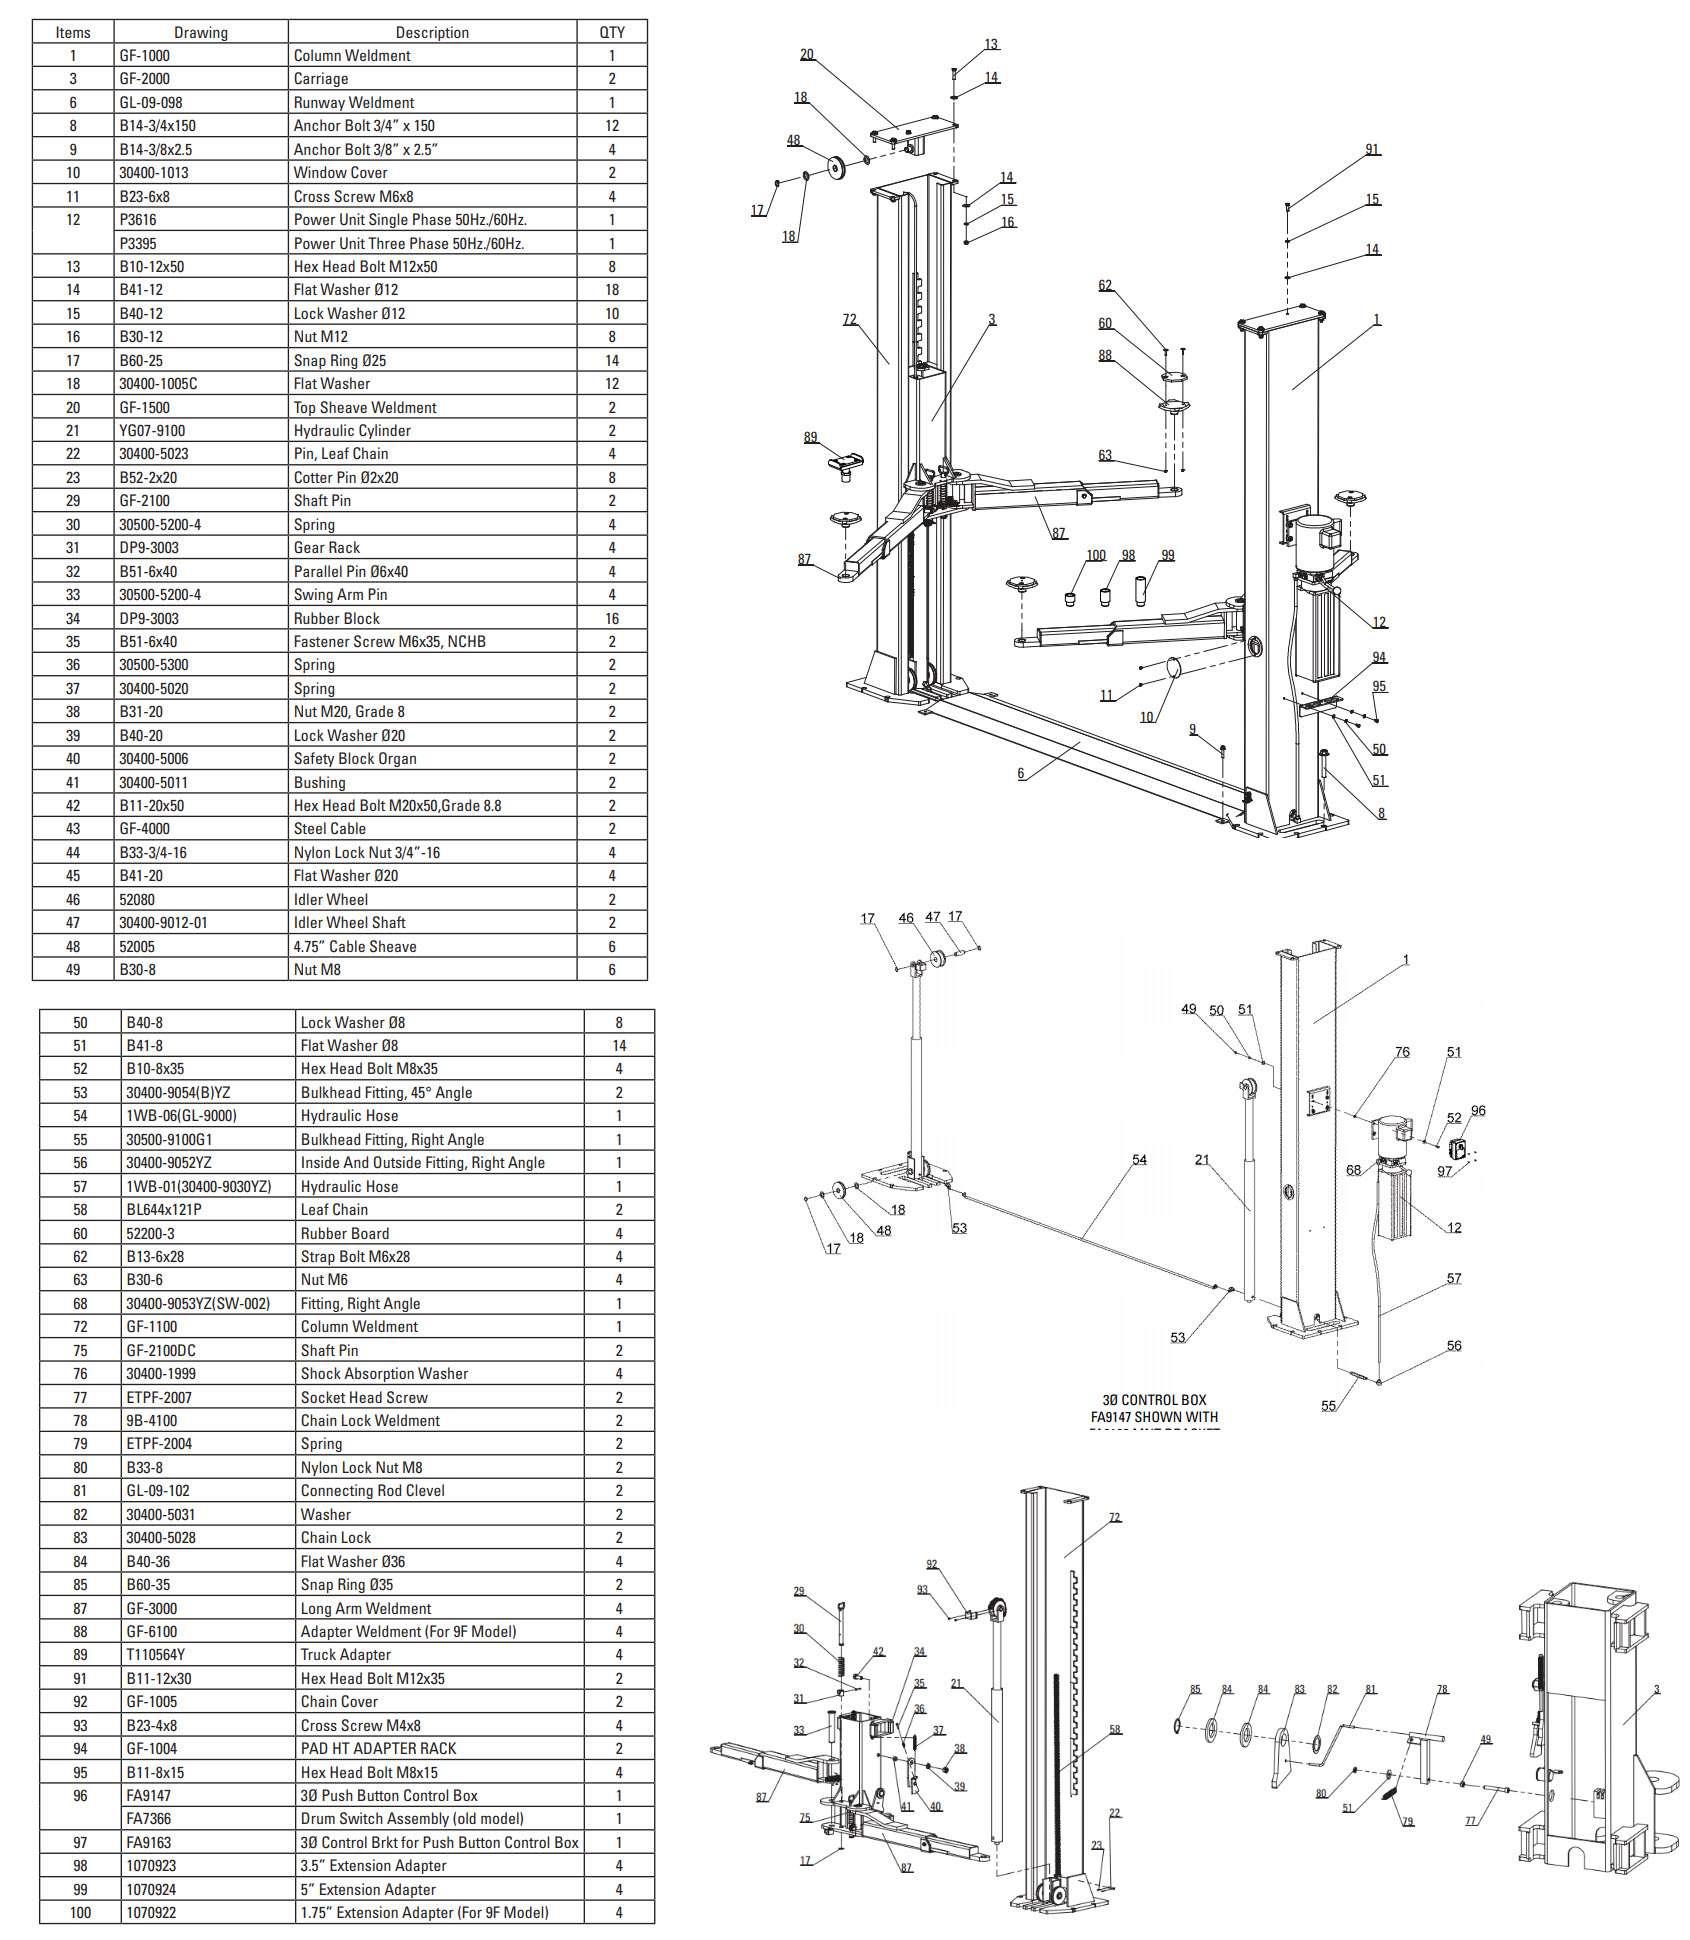 Fortward RTP9 2 post lift parts